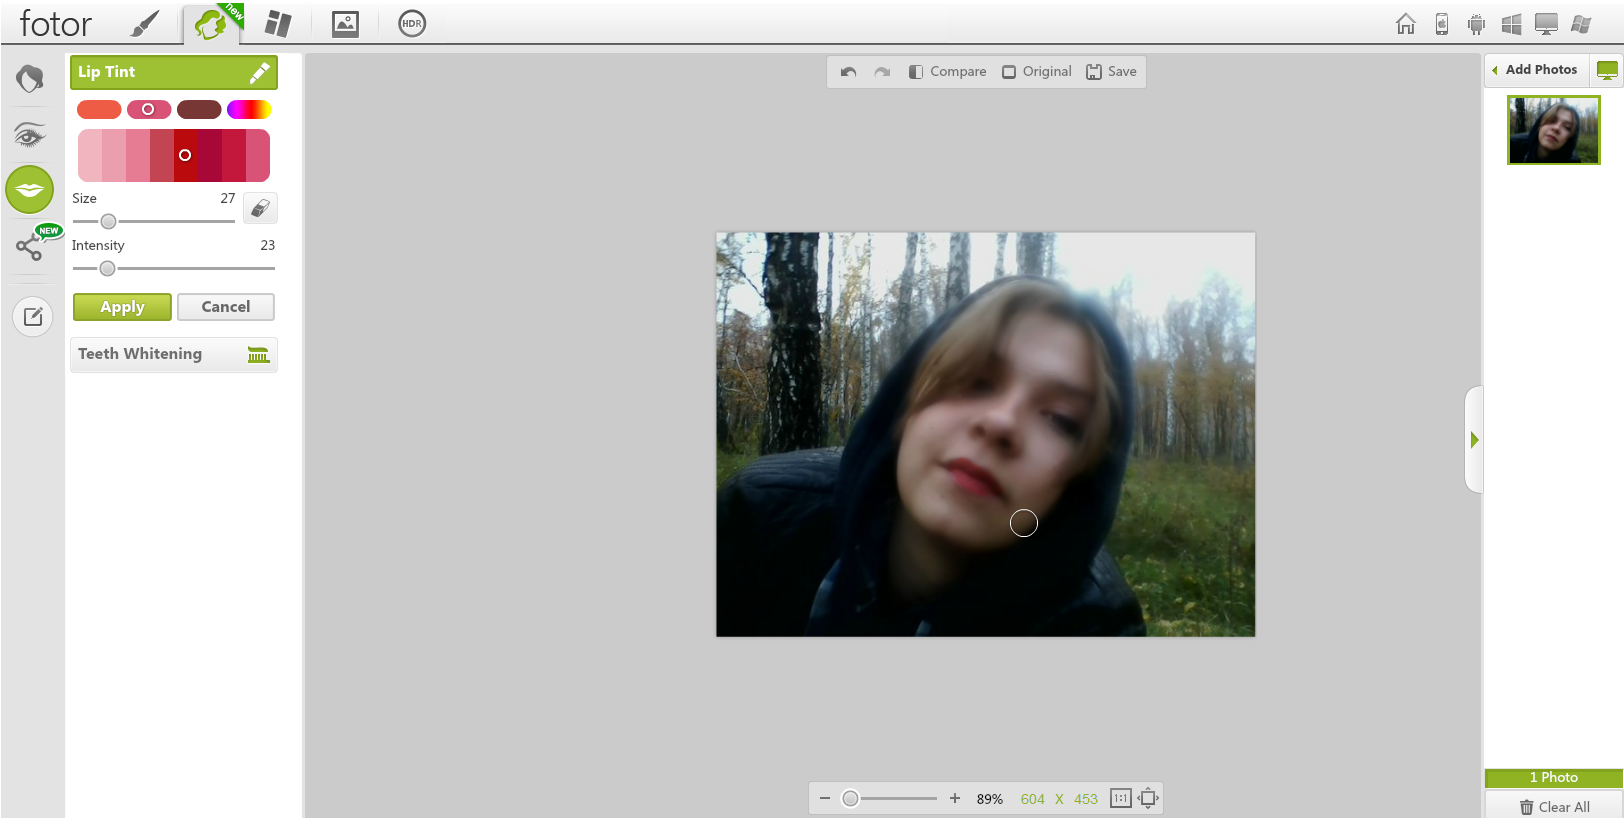 редактор фотографий онлайн с эффектами: